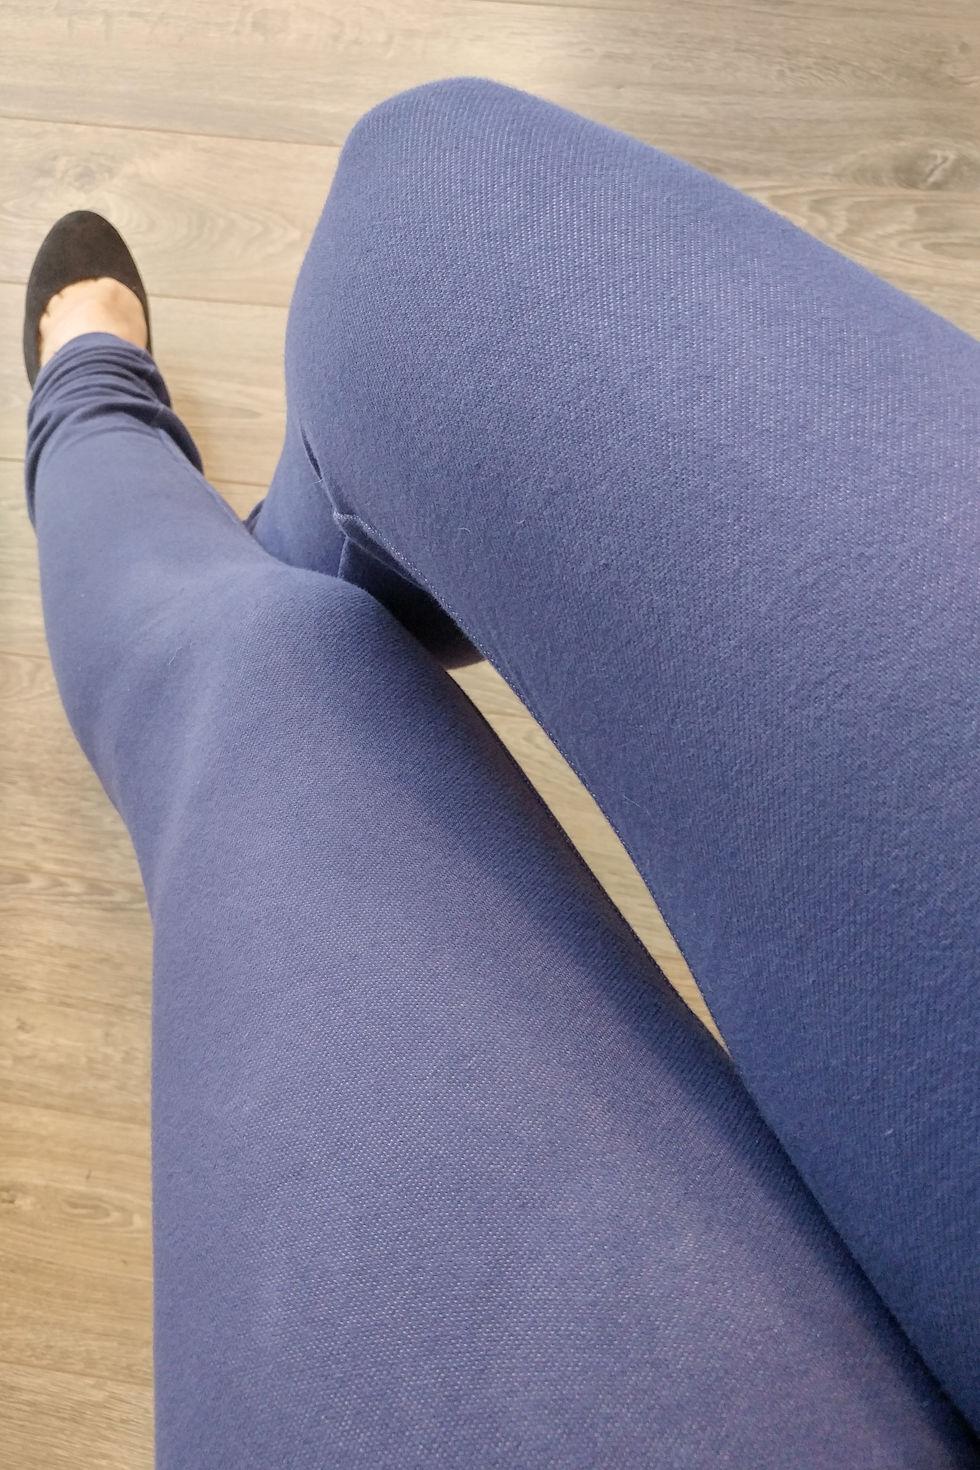 Jegging bleu-mauve (legging avec tissu à l'apparence jeans) à taille haute.